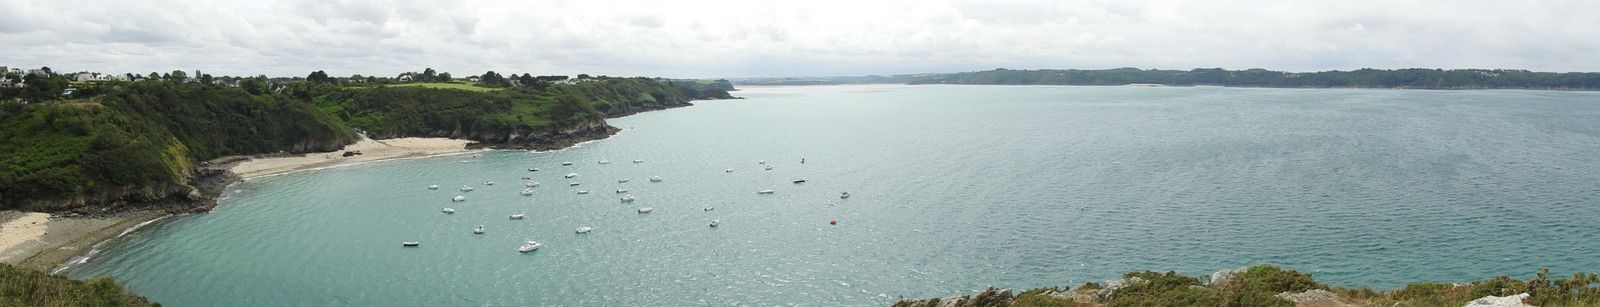 Baie de la Freynaye